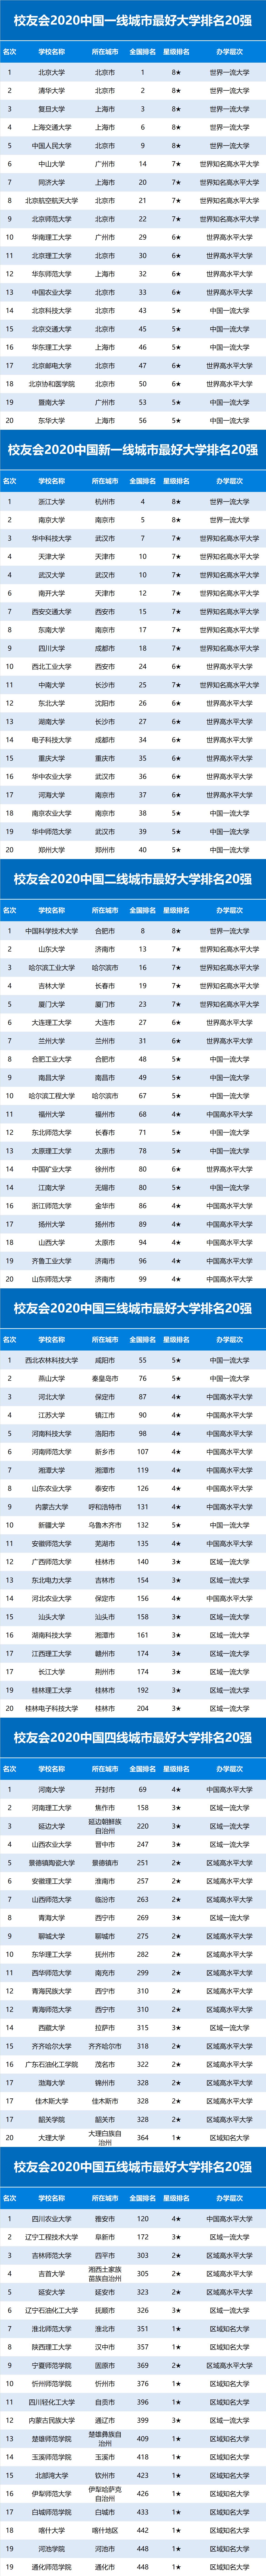 原创2020中国一二三四五线城市大学排名发布,浙江大学蝉联新一线榜首